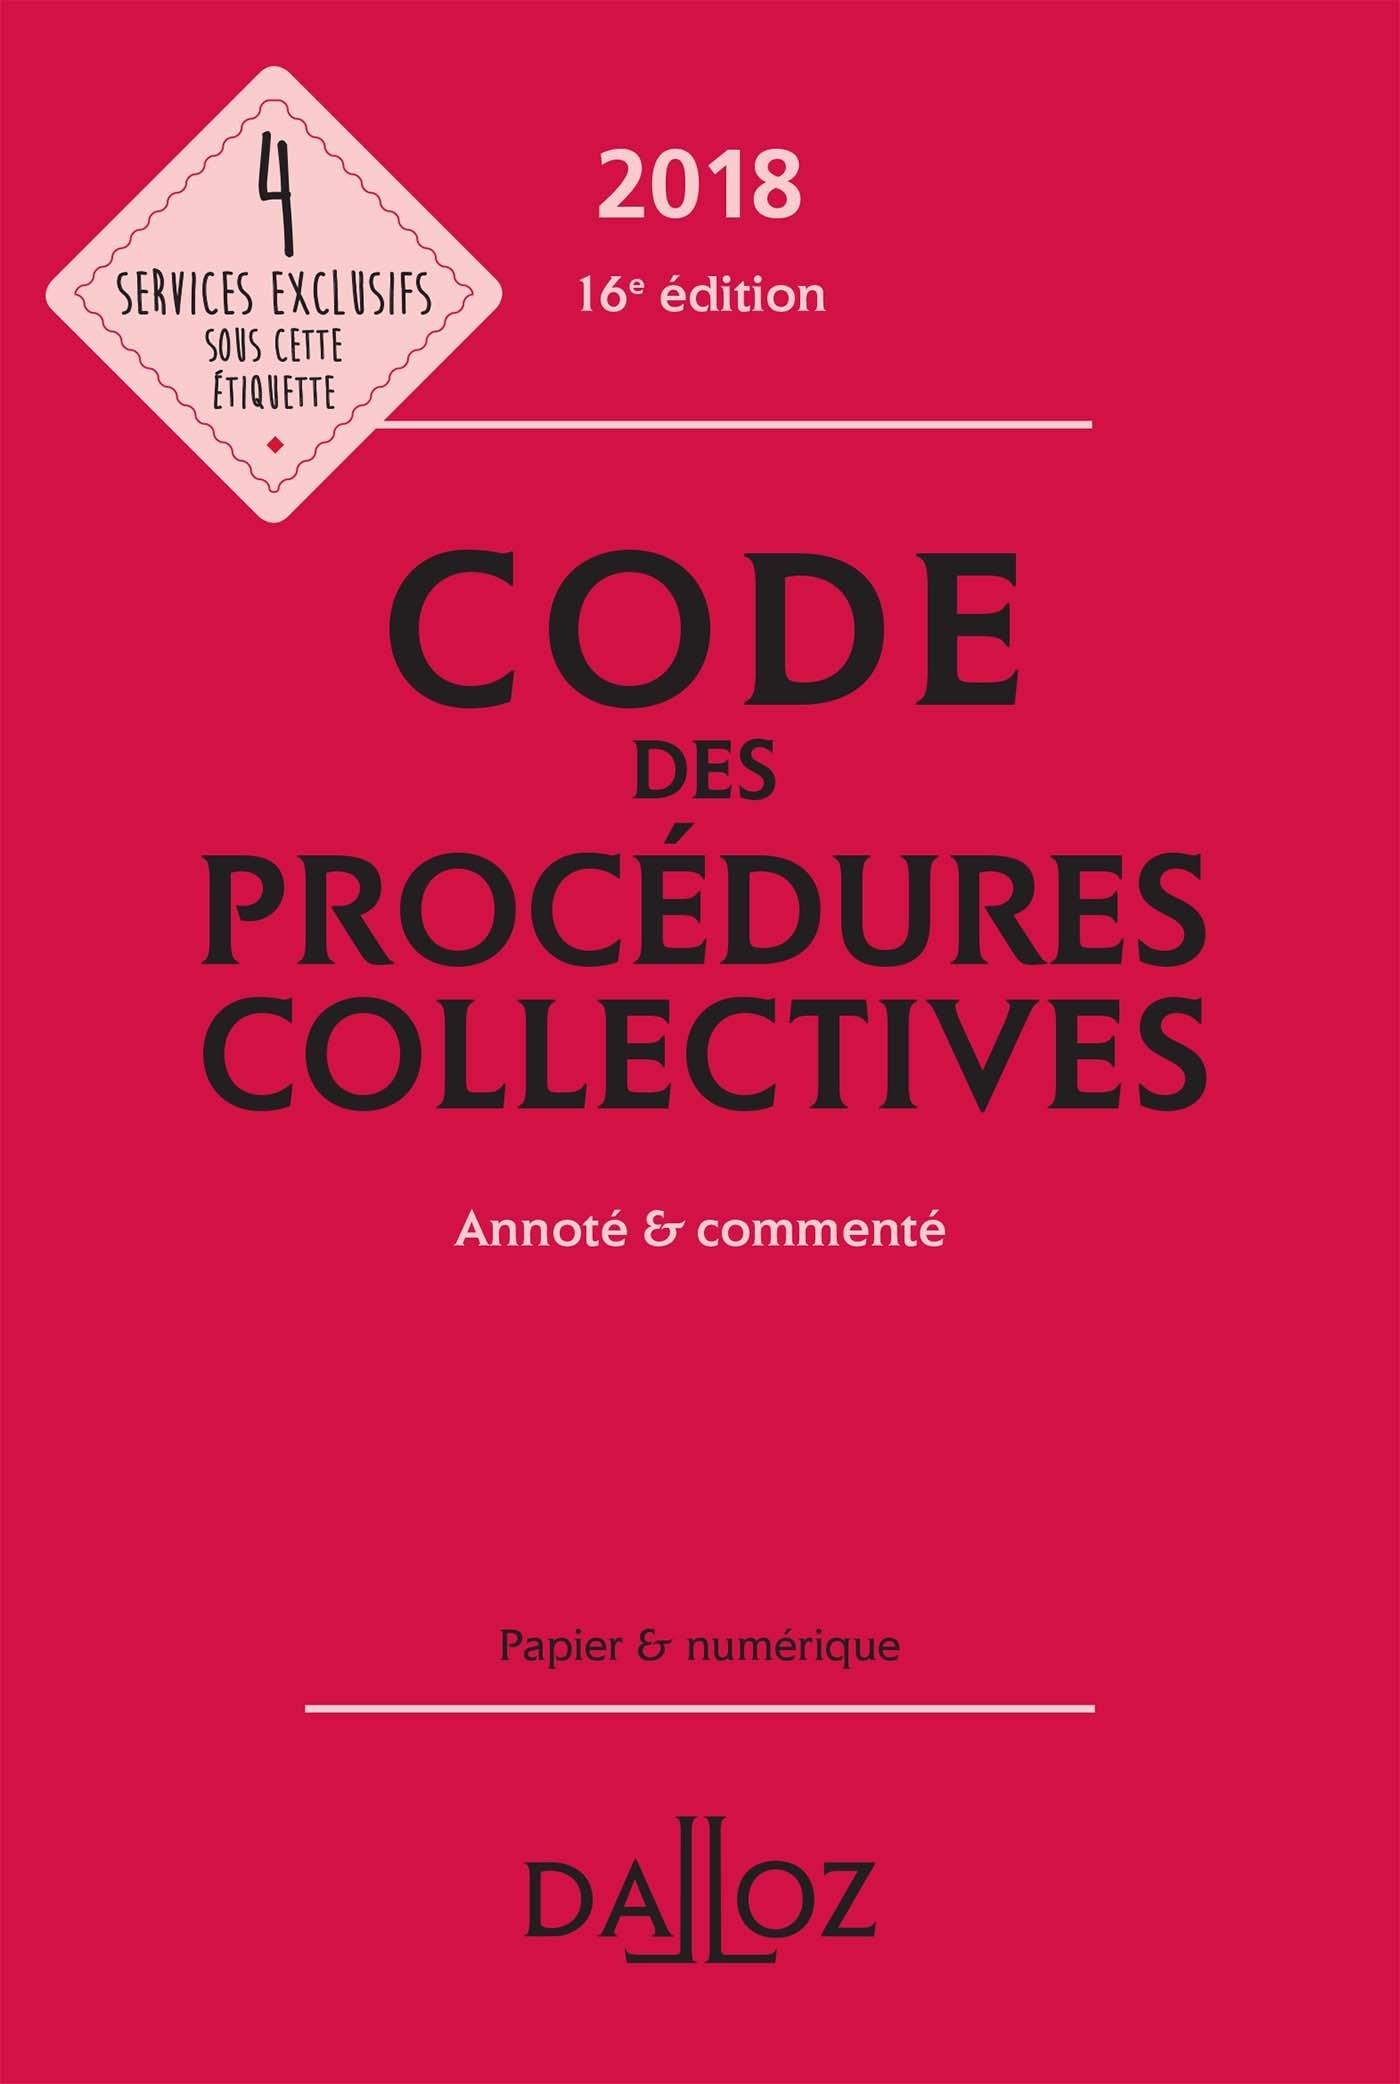 CODE DES PROCEDURES COLLECTIVES 2018, ANNOTE ET COMMENTE - 16E ED.